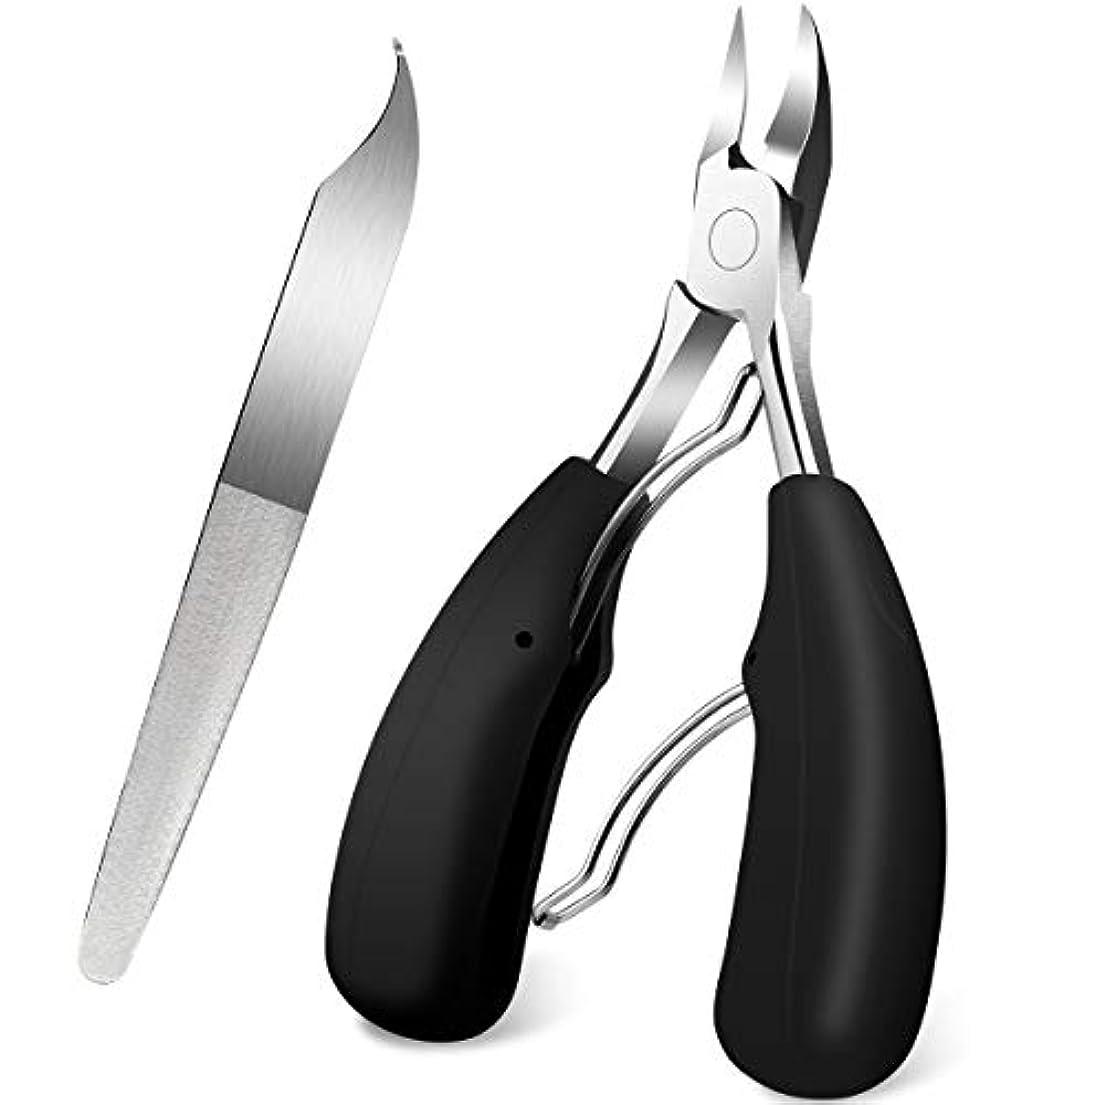 共感するあえて対抗爪切り ニッパー 巻き爪 変形爪 硬い爪 ネイルケア 3way仕様爪やすり 手足兼用 つめきり (2点セット) …